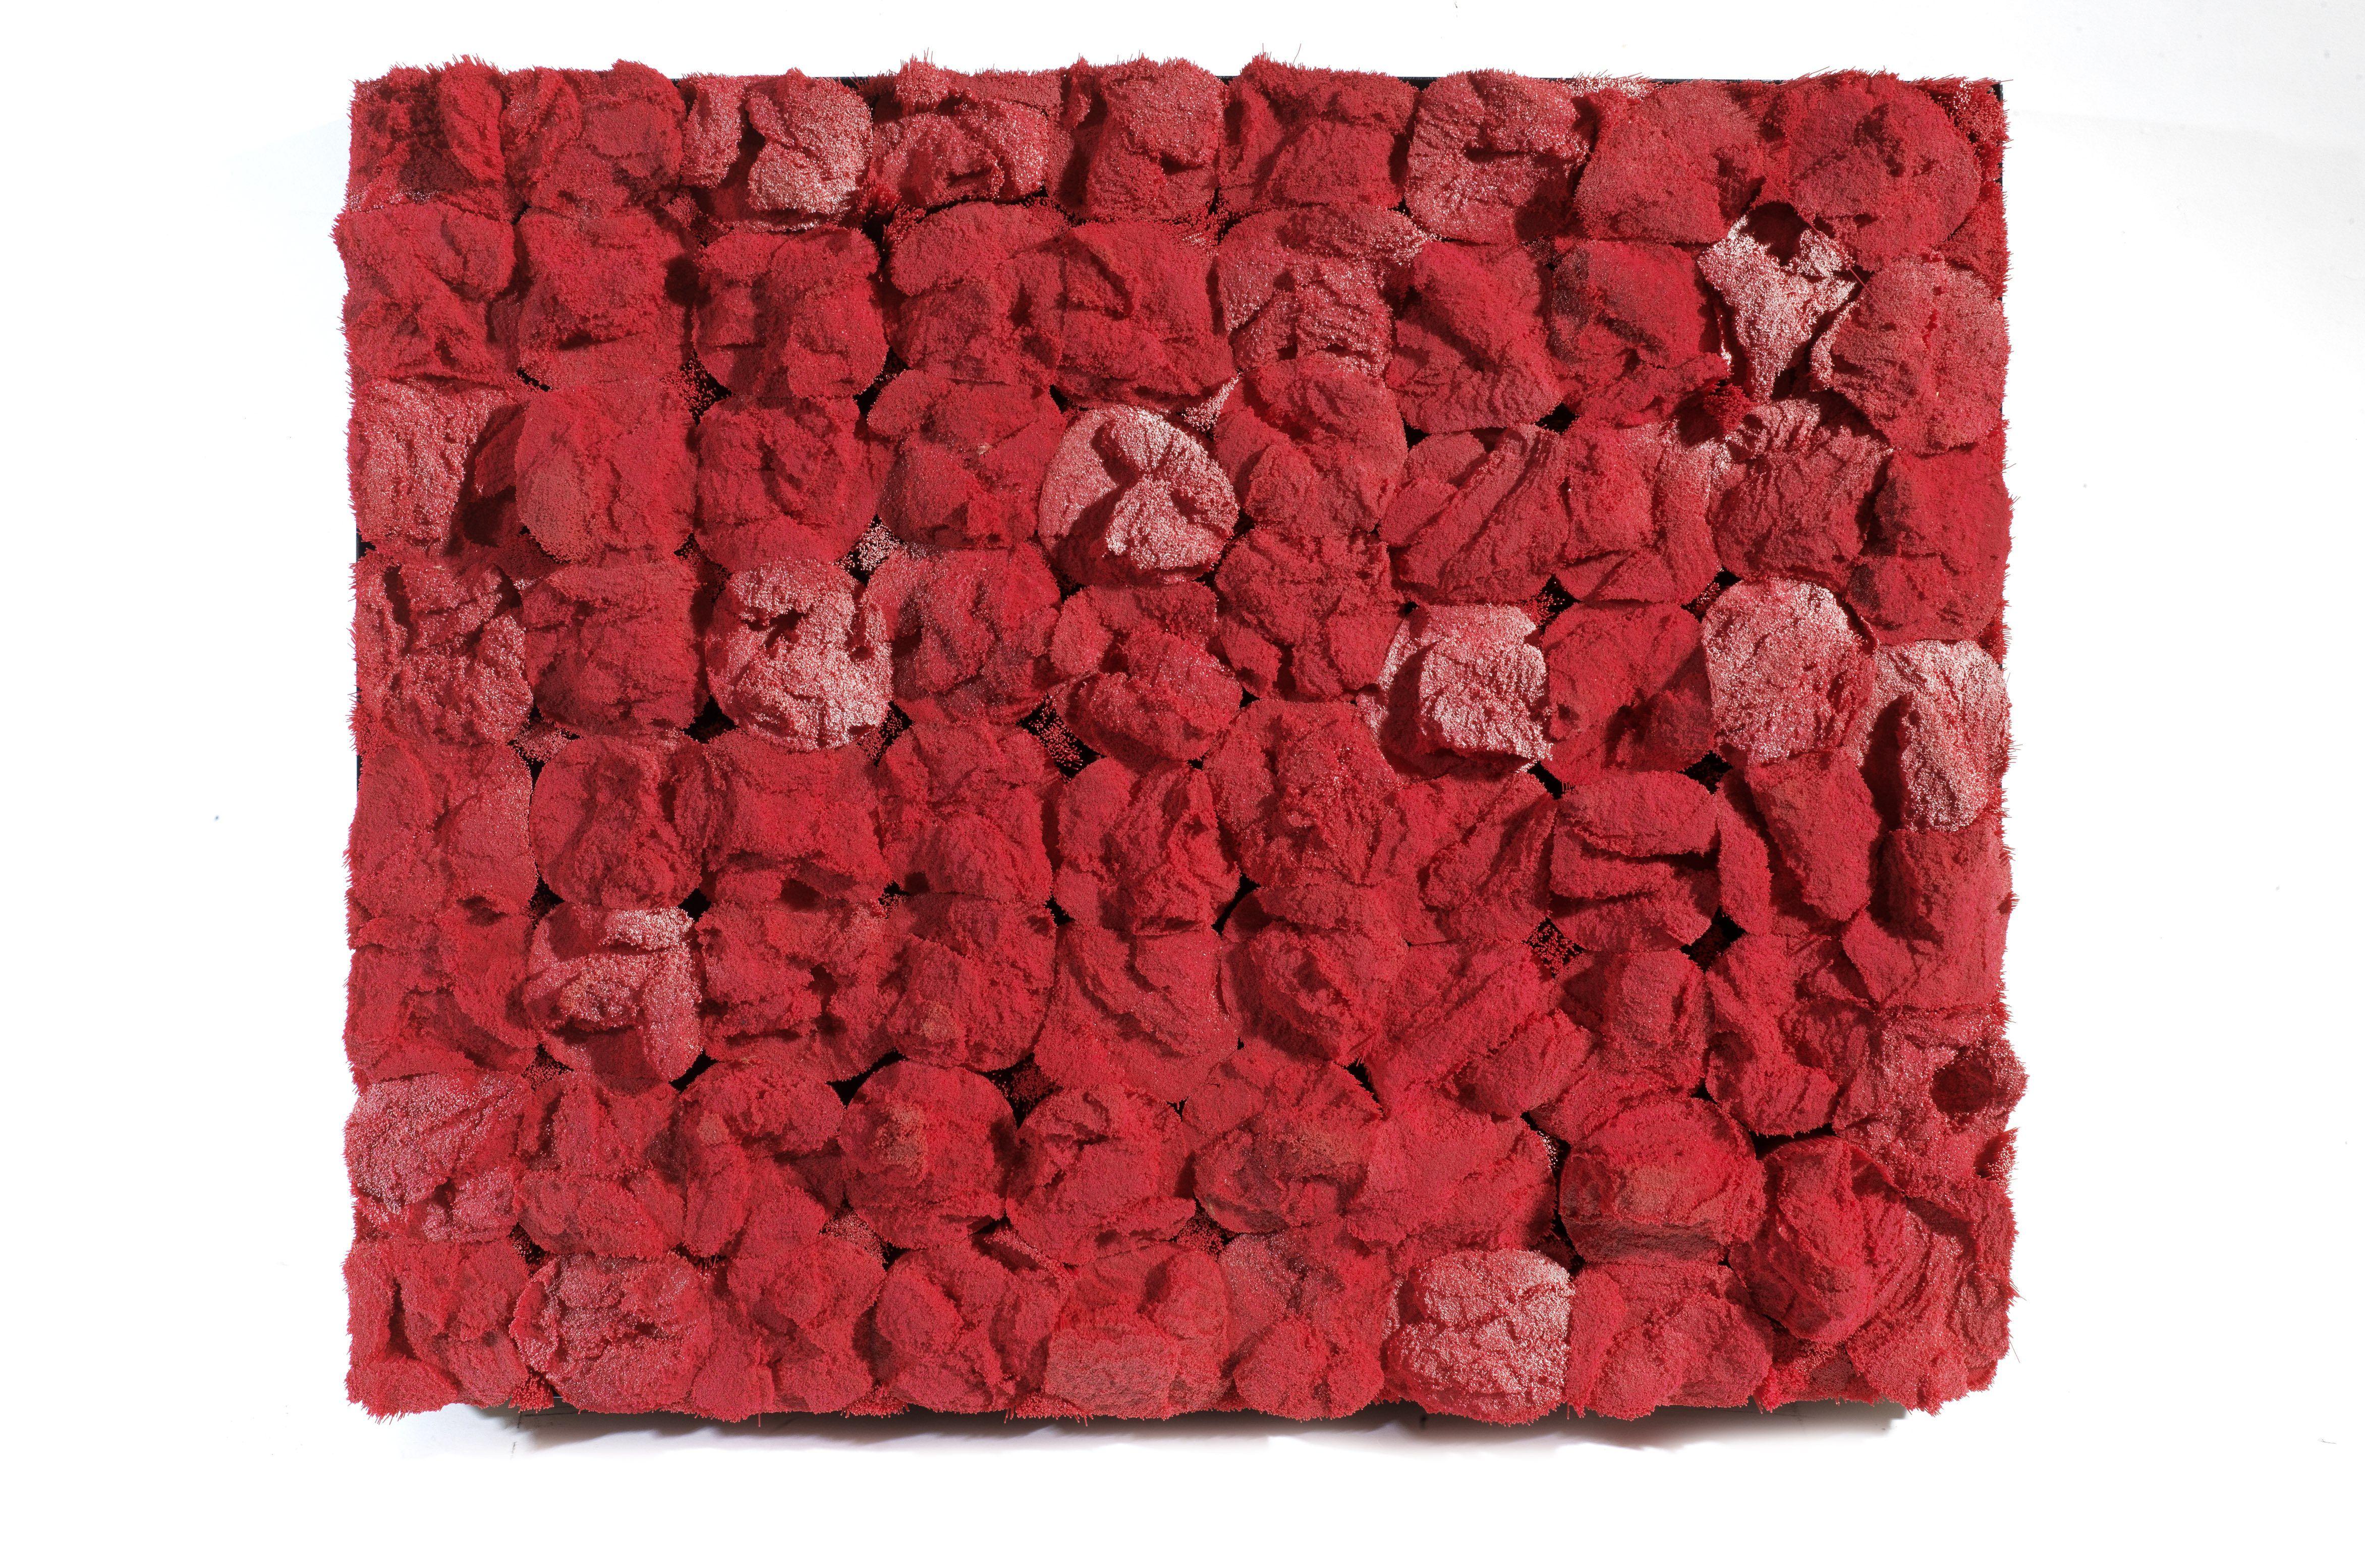 Francesca Pasquali, Setole, 2012, poils de balai en plastique rouge sur panneau en bois et cadre métallique, Courtesy Tornabuoni Art